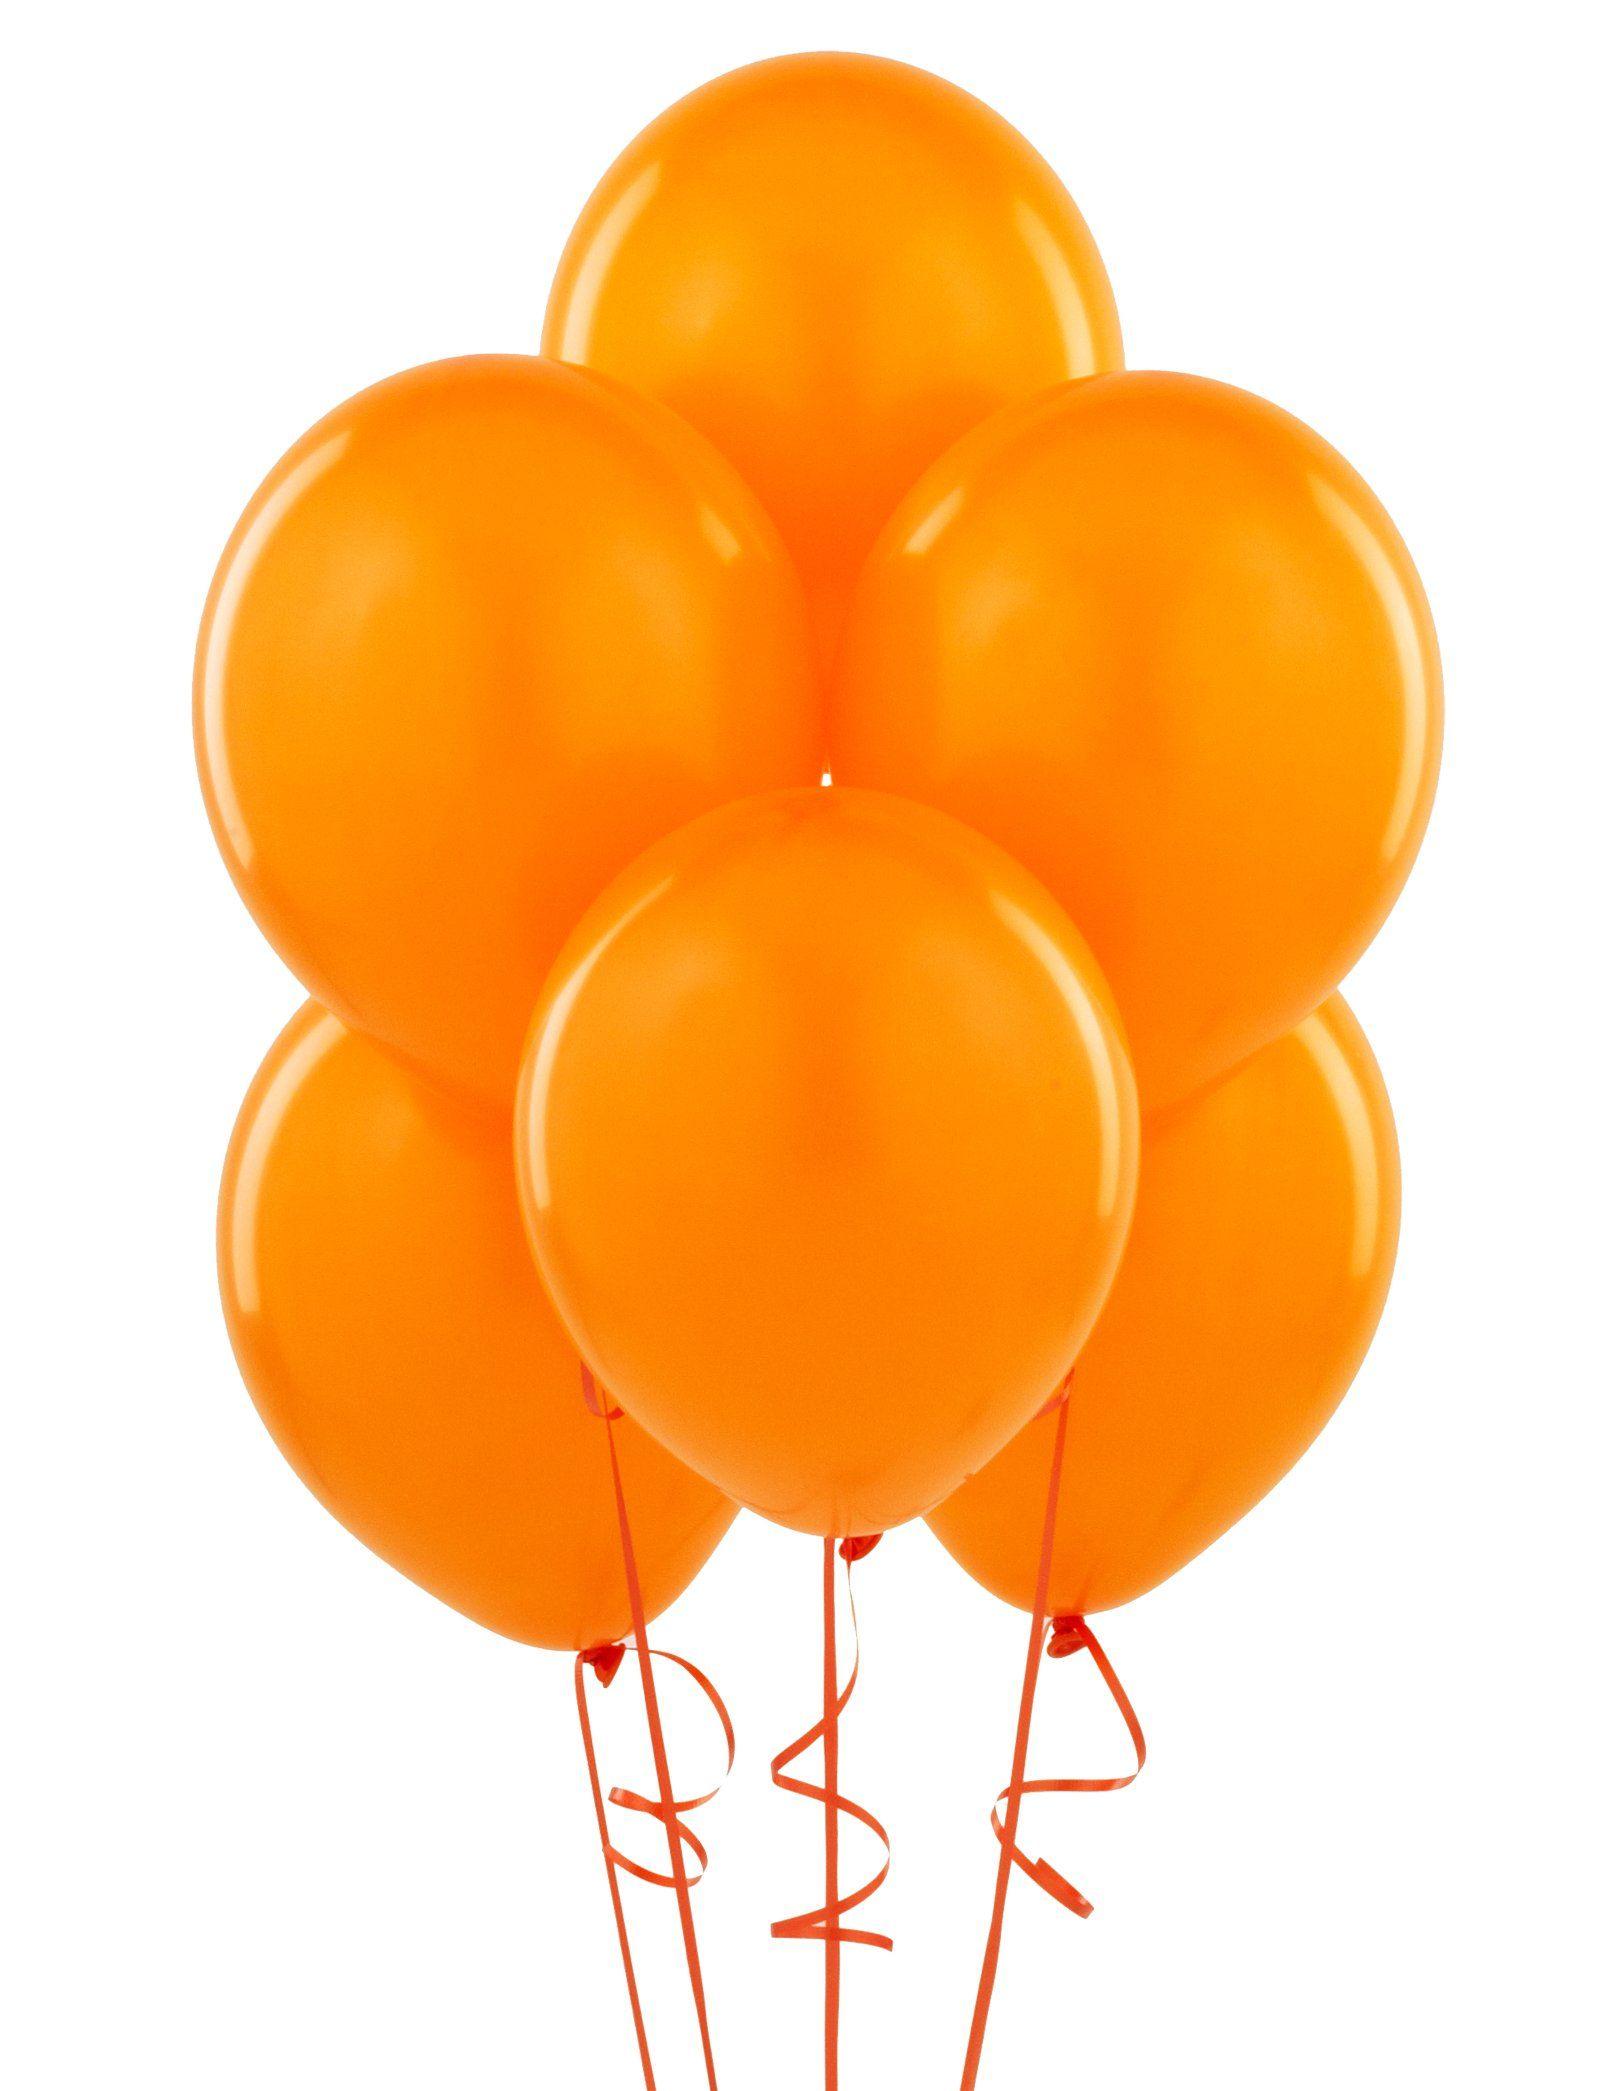 Orange Matte Balloons Yggbirthdayexpressbash